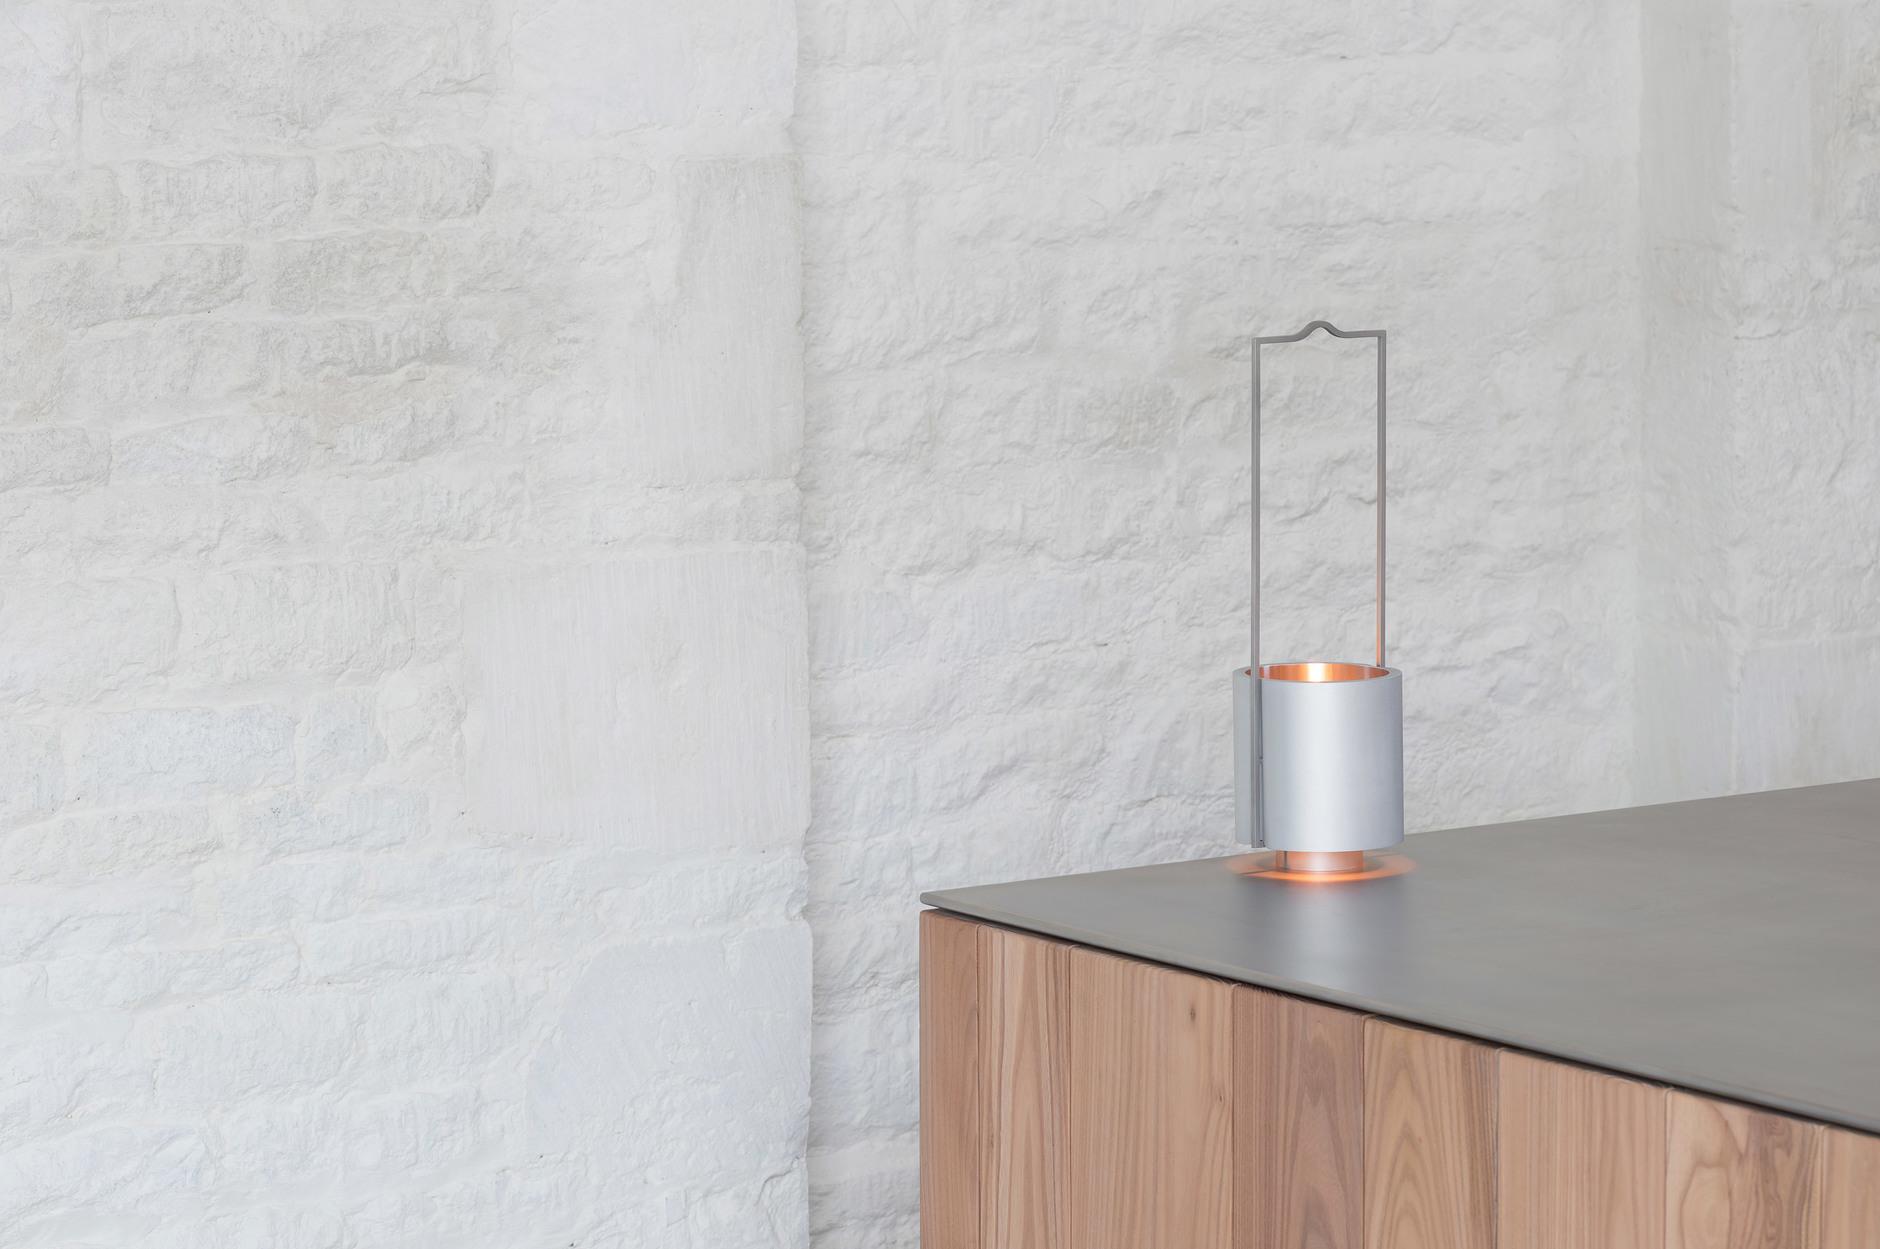 Минималистская керосиновая лампа Джона Поусона для Wästberg (галерея 4, фото 5)